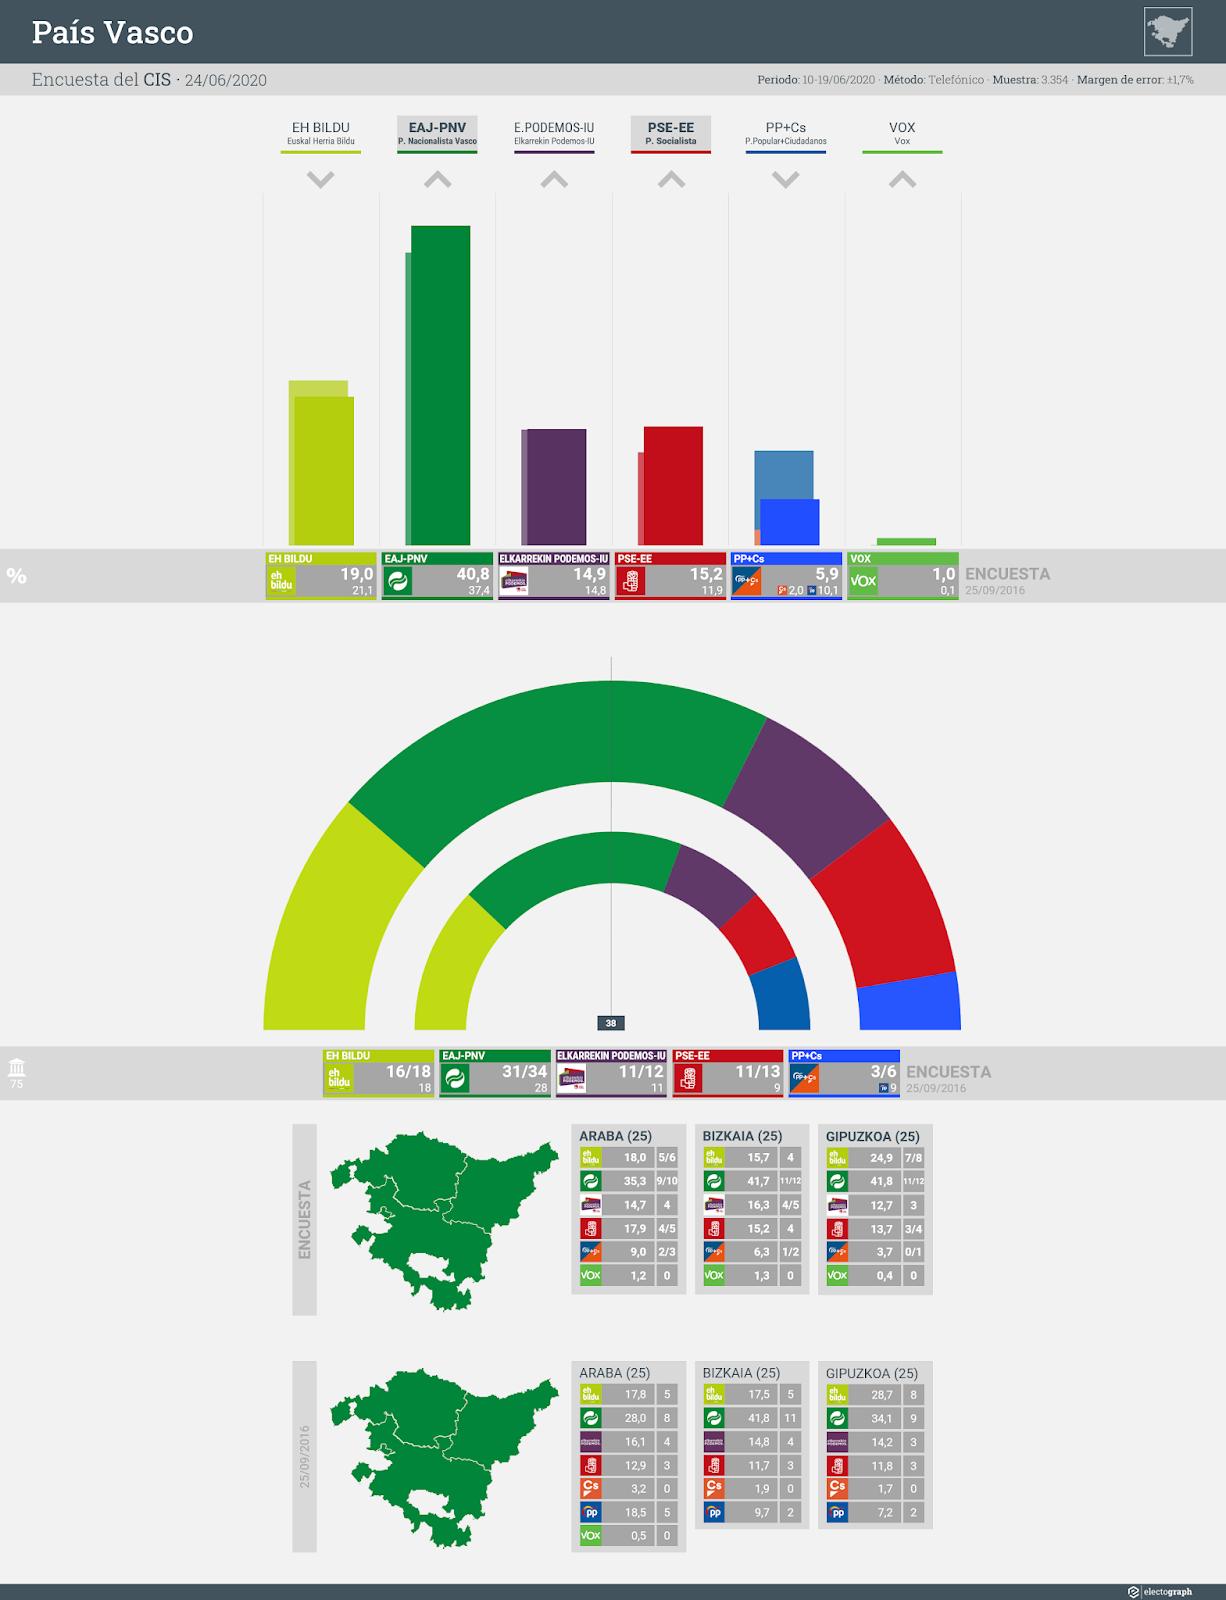 Gráfico de la encuesta para elecciones autonómicas en el País Vasco realizada por el CIS, 24 de junio de 2020